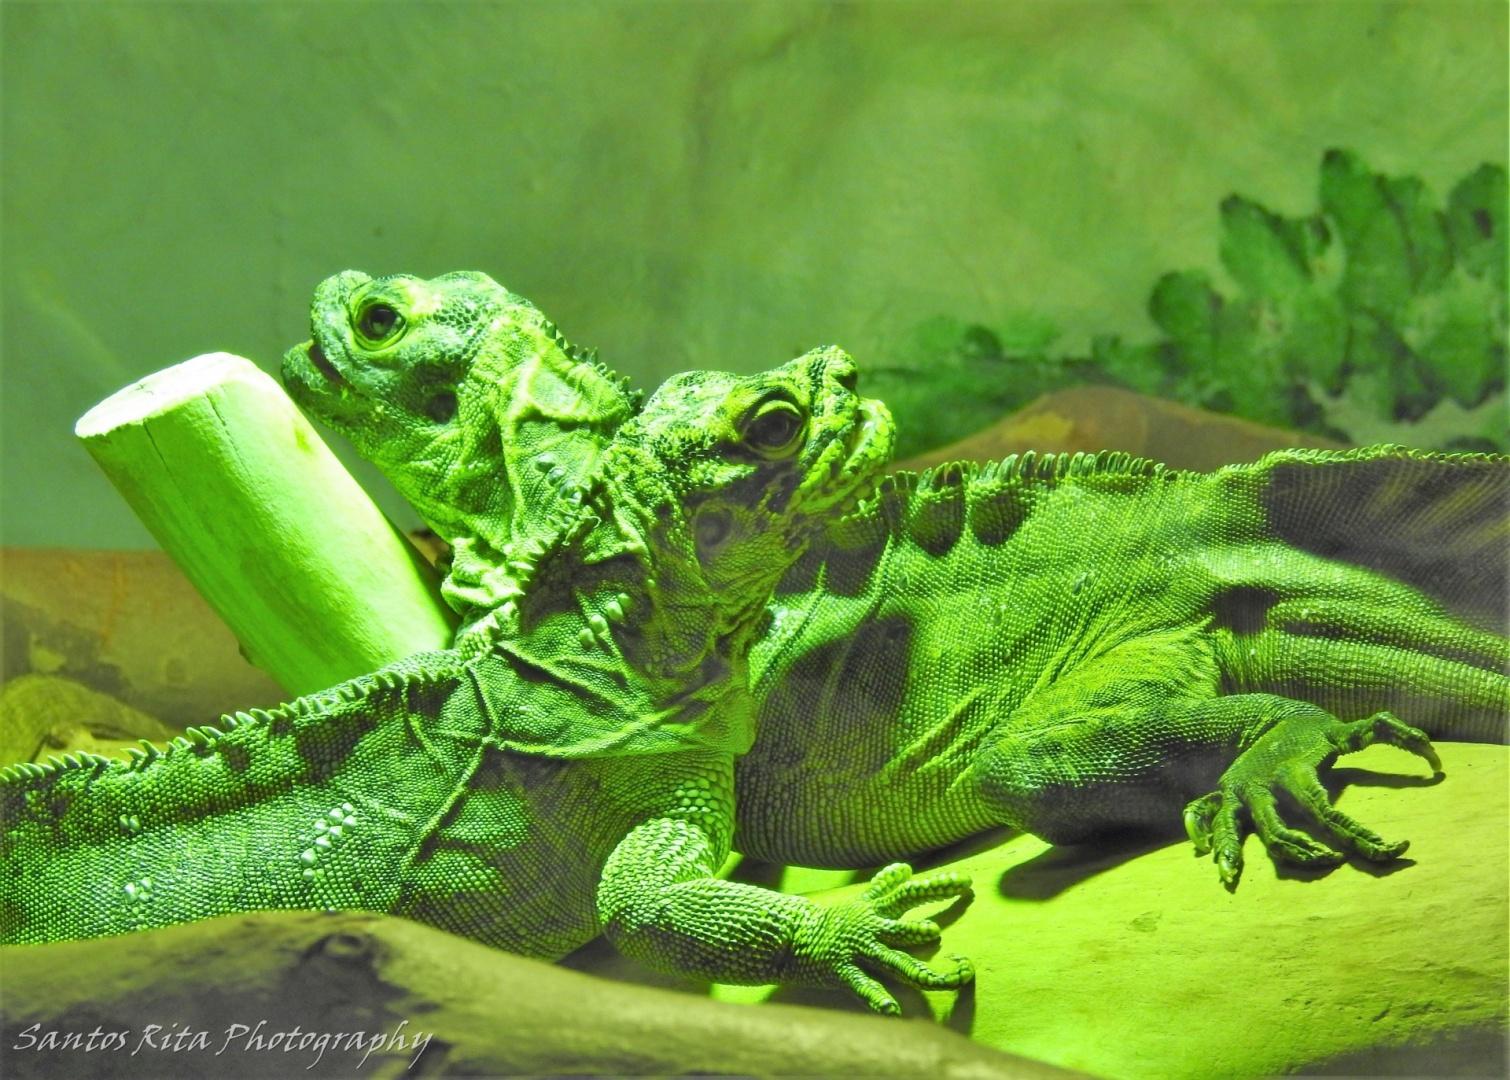 Animais/Iguanas